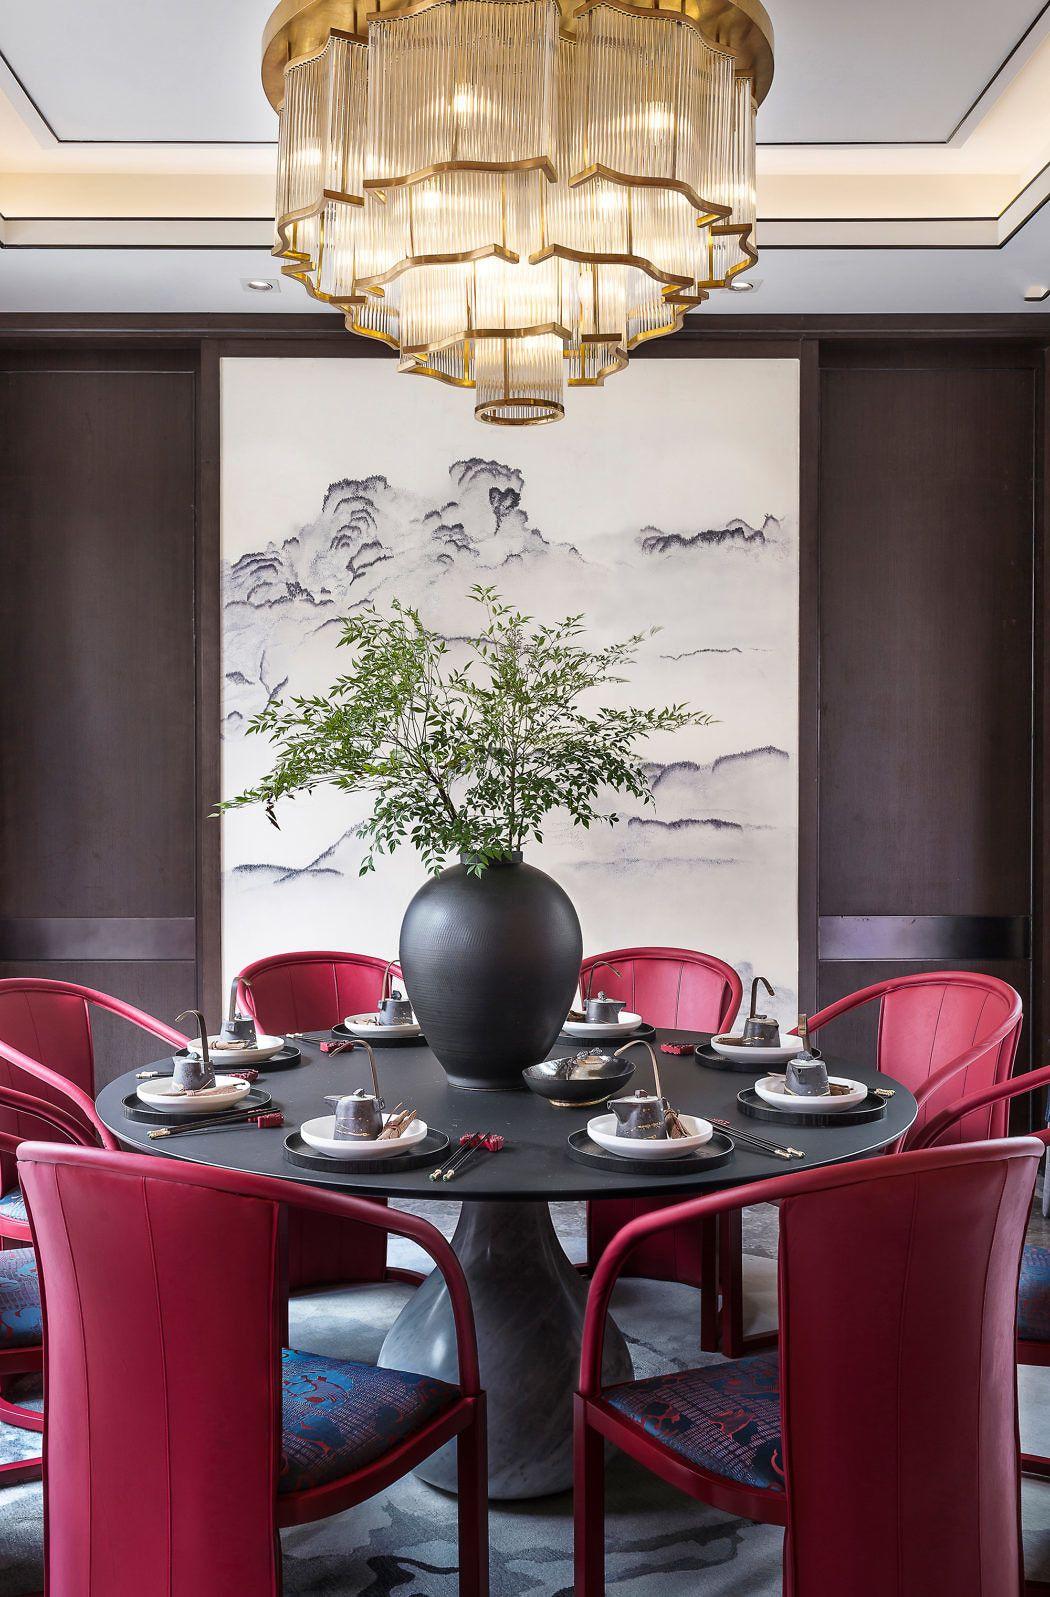 Jinke Jiuqu River By Nns Institute Of The Interior Art Design